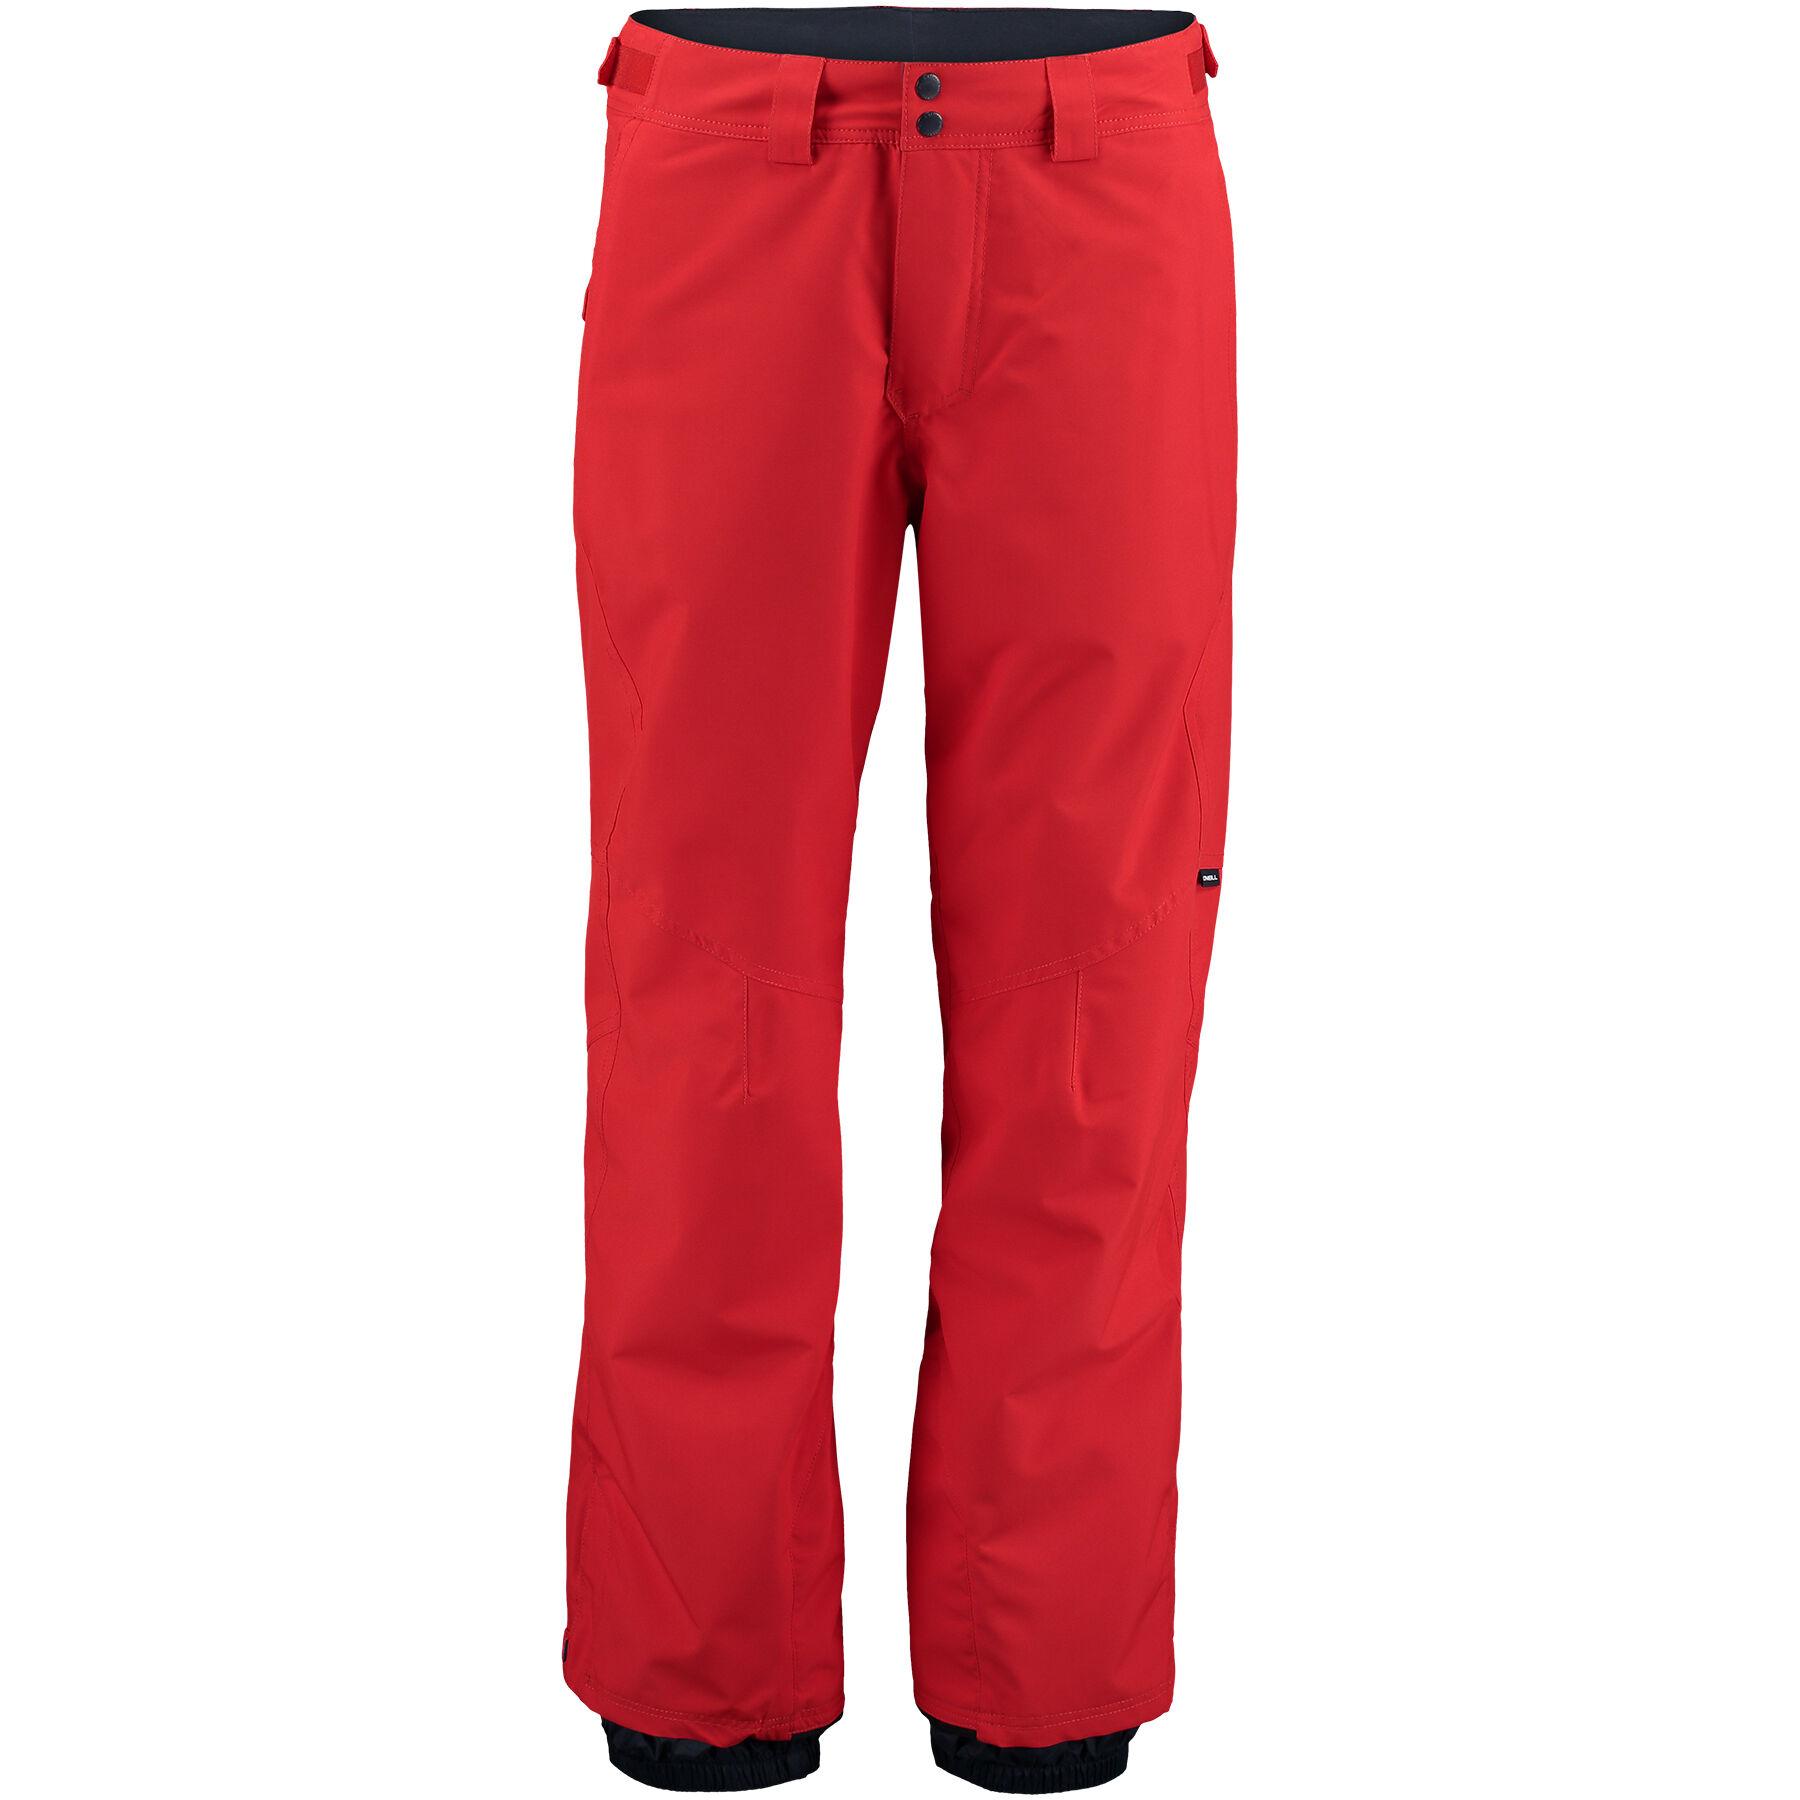 Pantalones de esquí en naranja Hammer de ONeill O'Neill vrTT7aY120